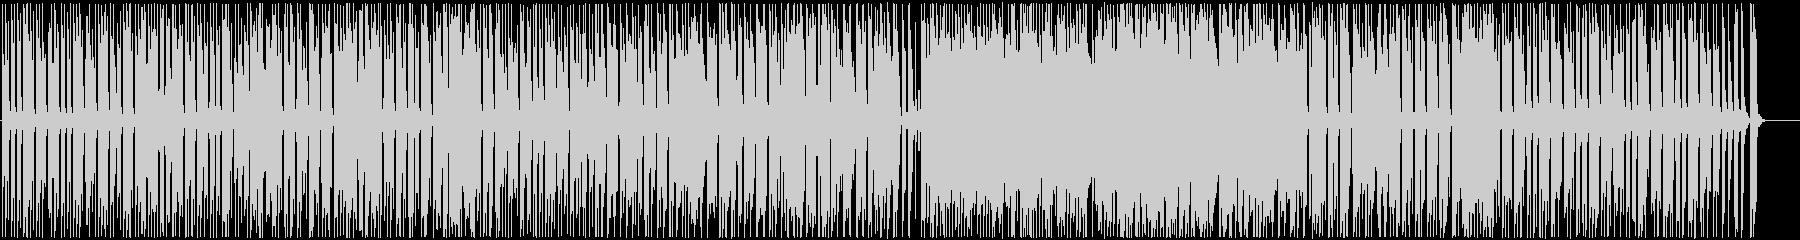 縦笛リコーダーの可愛い曲の未再生の波形